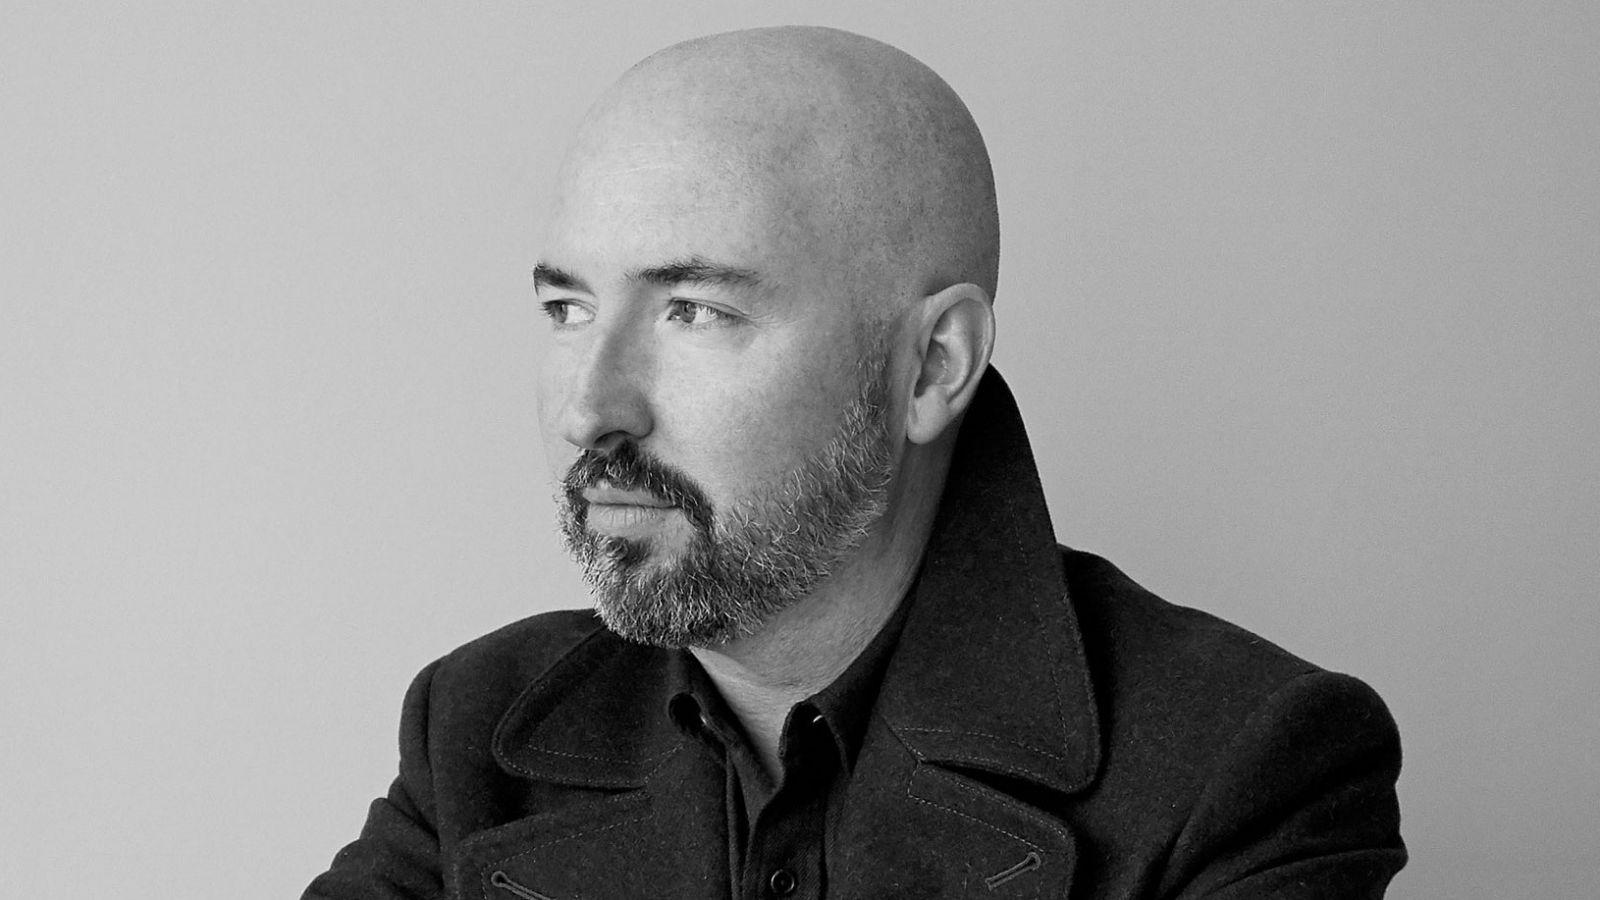 Βραβείο Booker 2020: O σχεδιαστής μόδας Douglas Stuart είναι ο φετινός νικητής